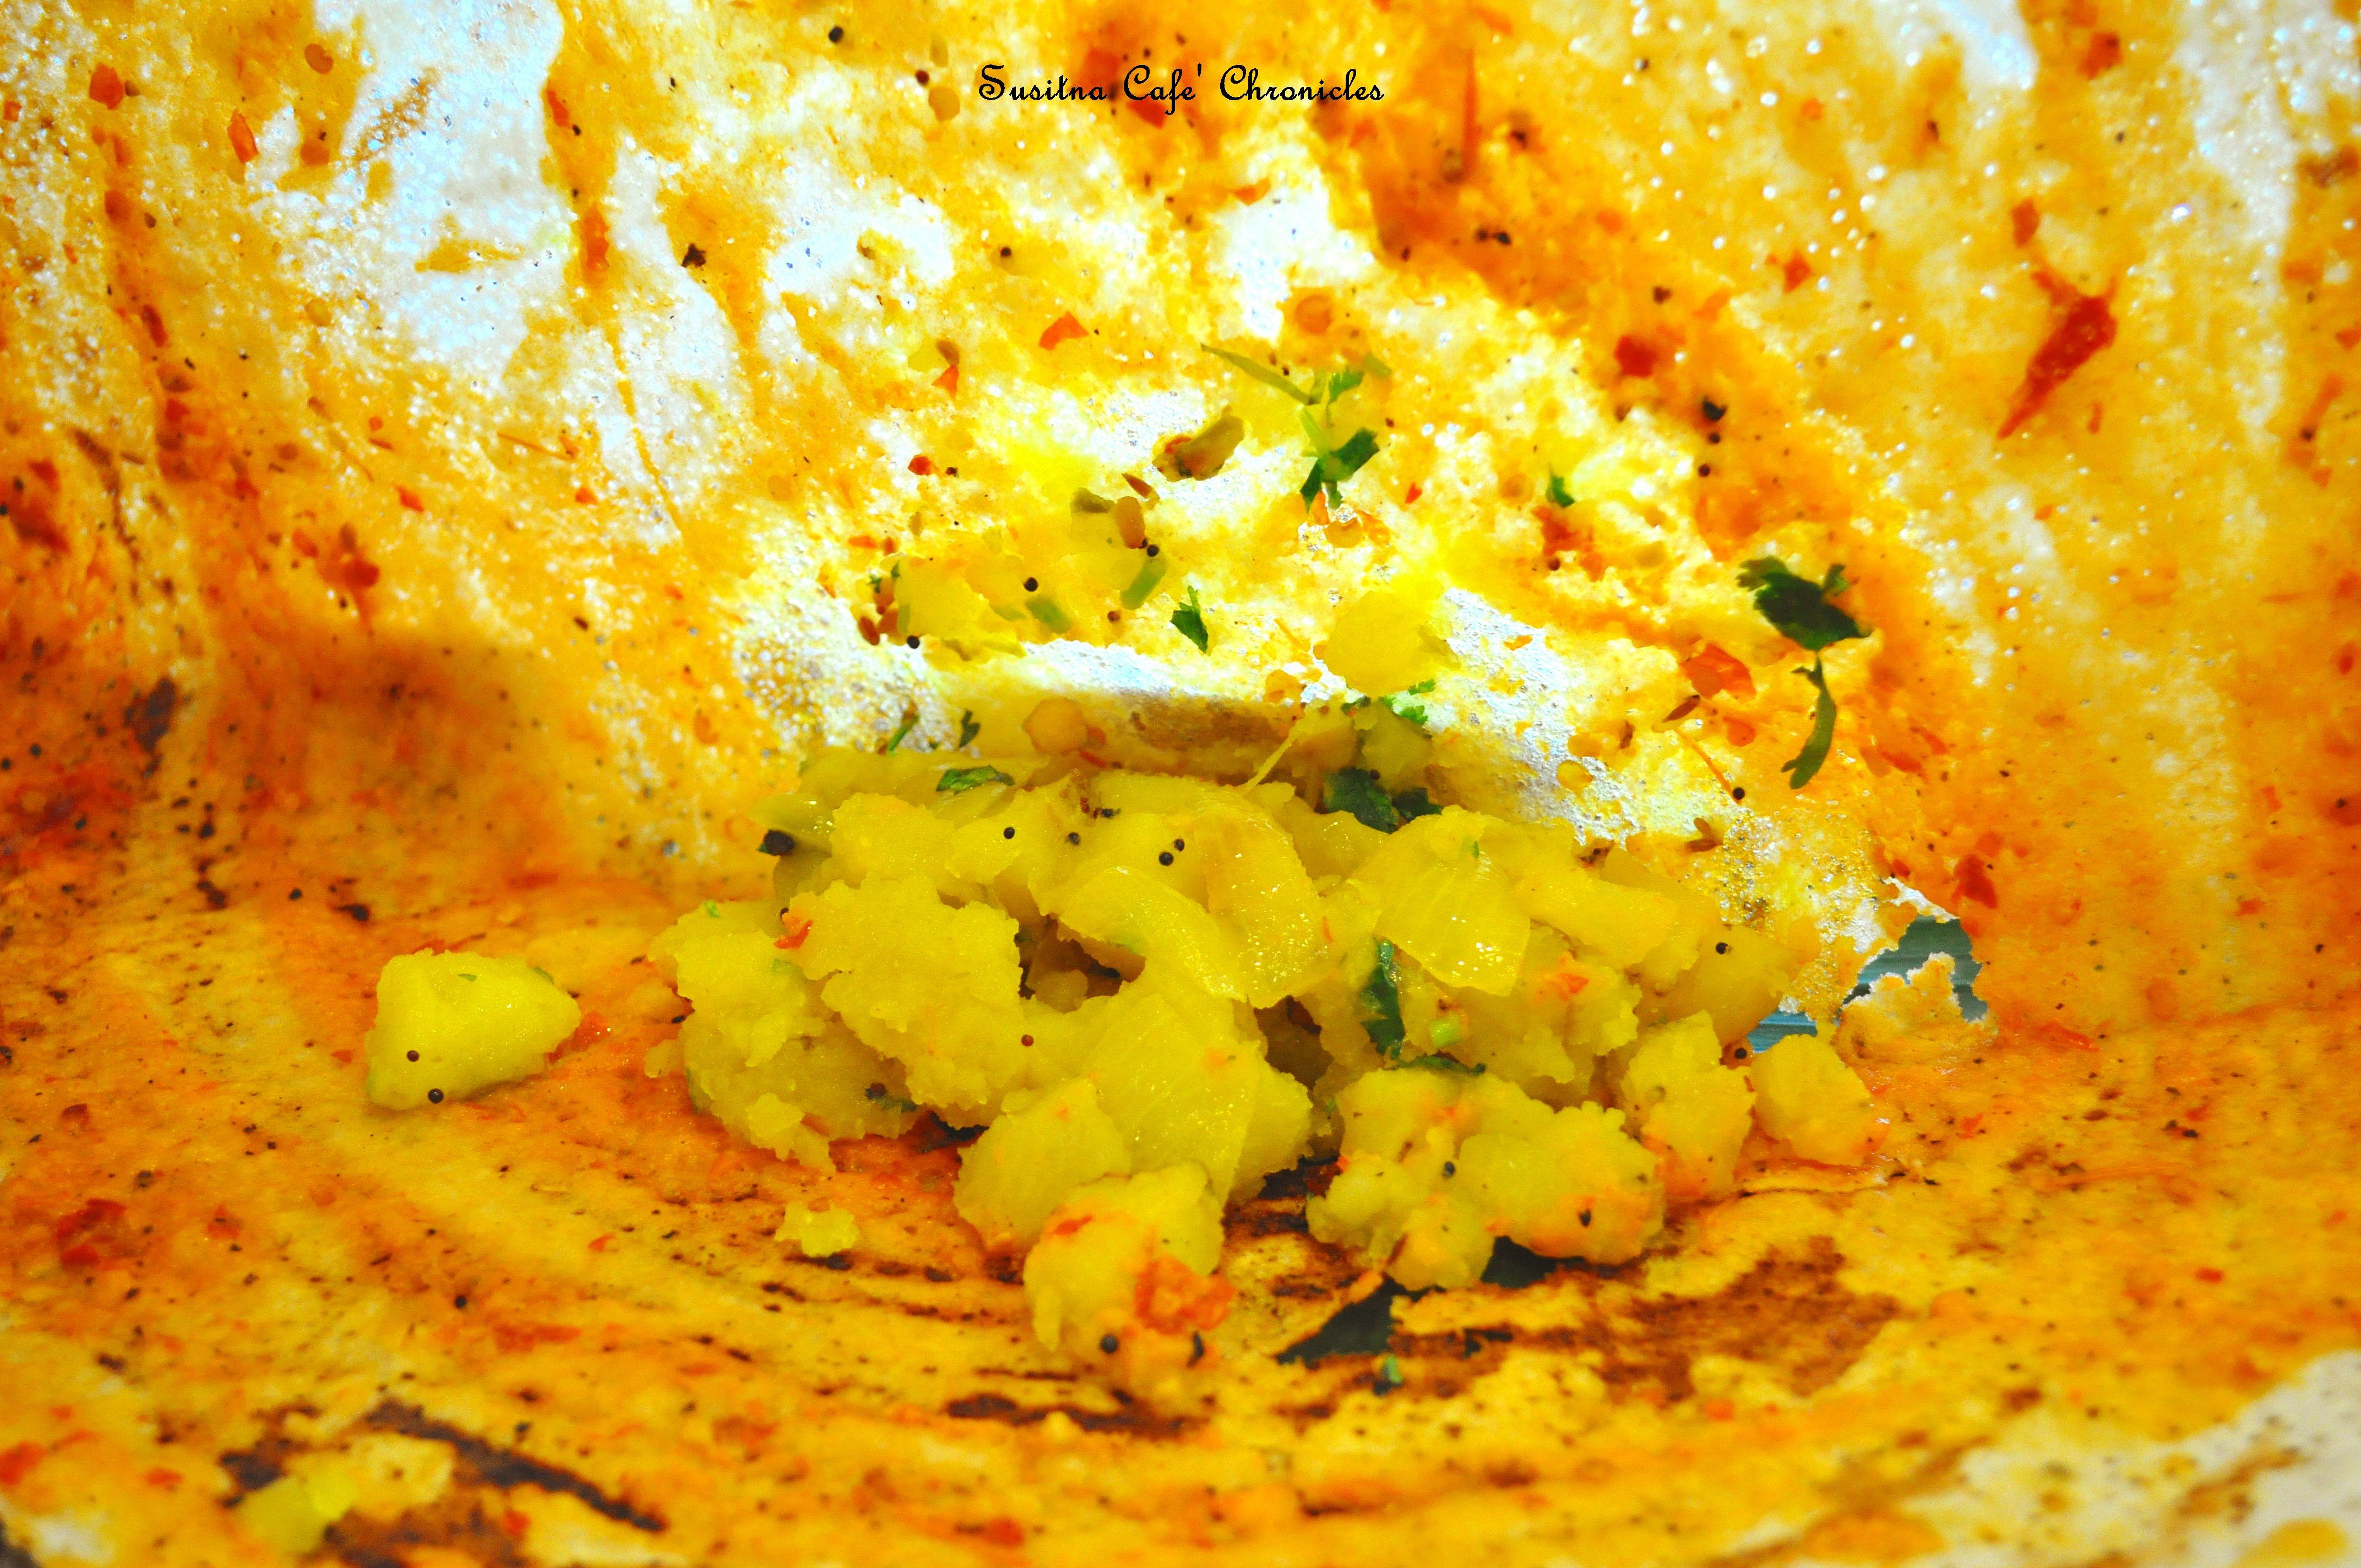 Soup Kitchen Houston Christmas